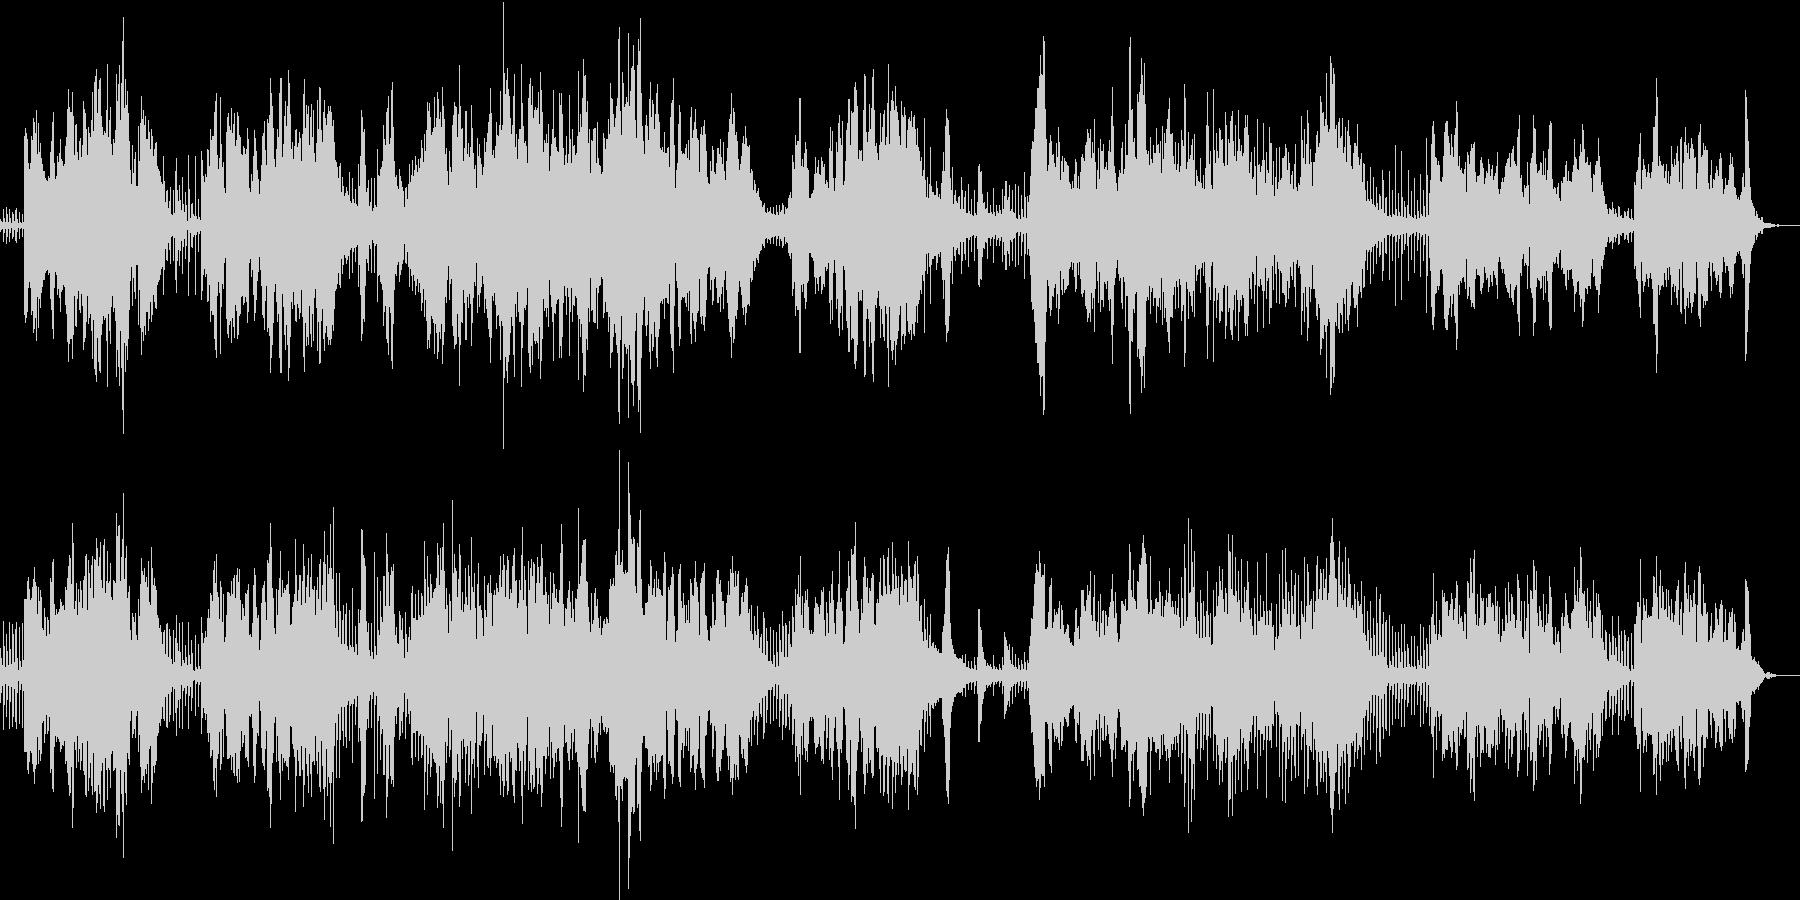 二胡/シンセ/ピアノおっさん抜きの民族調の未再生の波形